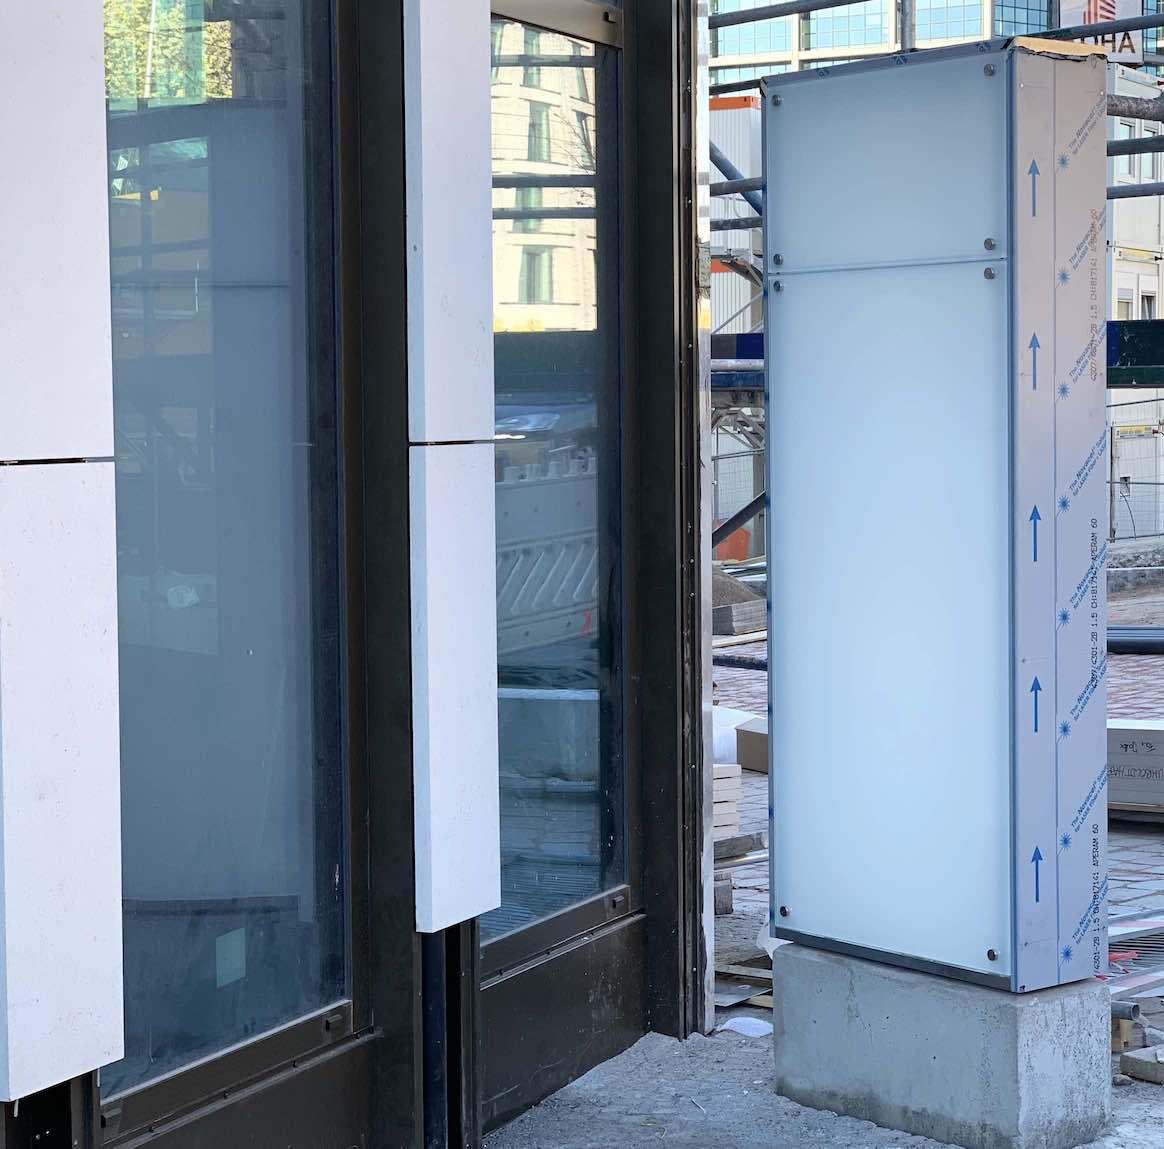 Werbestele aus Glas im Aufbau